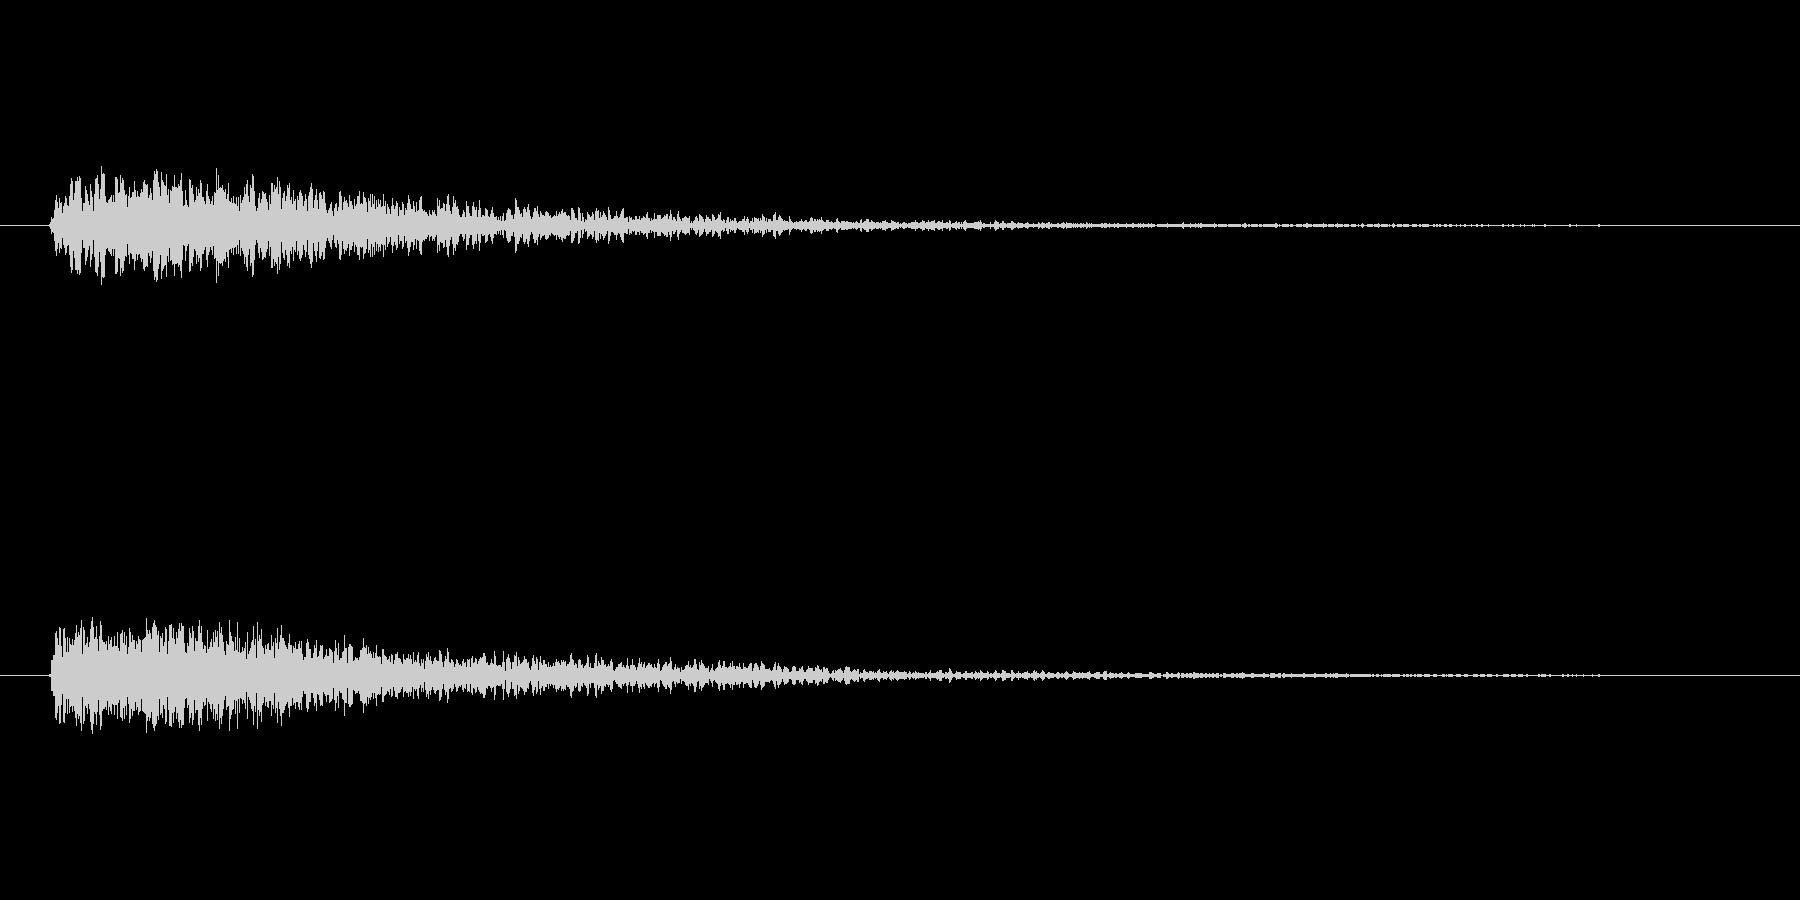 ドーン!(重大発表とかで聴く音)の未再生の波形